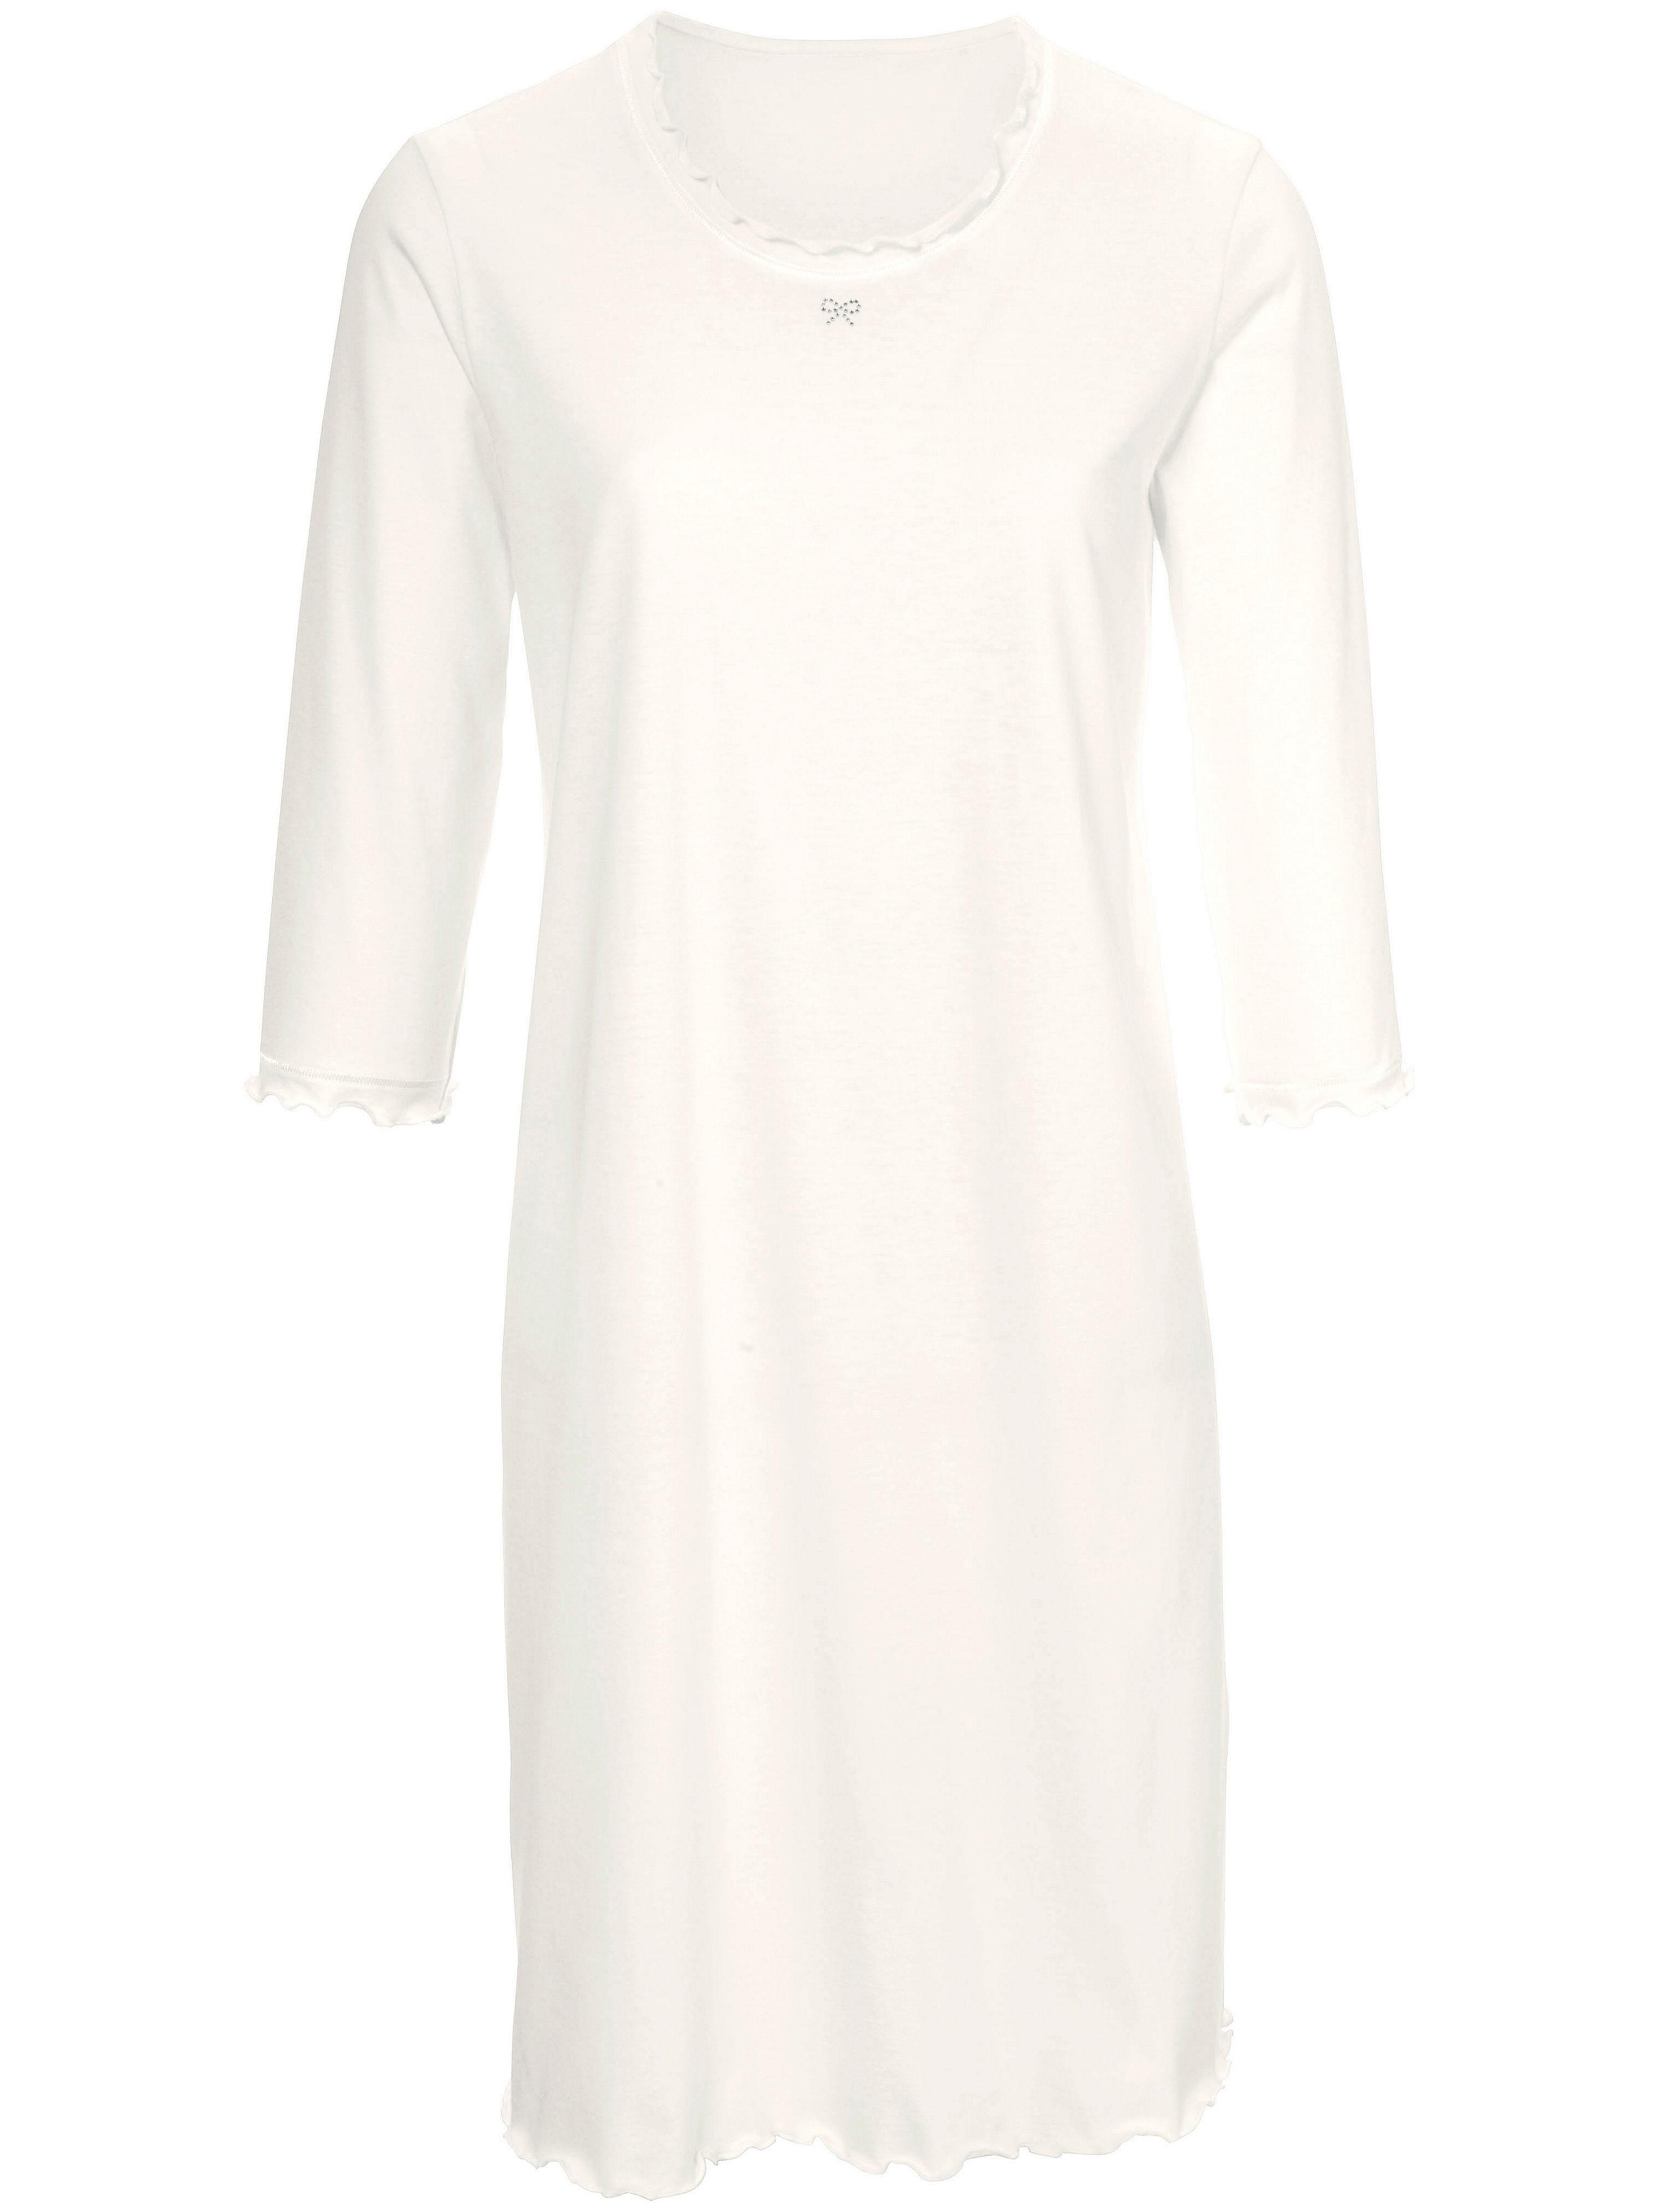 Artikel klicken und genauer betrachten! - Sleep-Shirt von Peter Hahn mit 3/4-Arm. Ganz puristisch und edel aus softem Single-Jersey. Ziersteppnähte, Glitzer-Schleifchen am Ausschnitt und französische Abschlüsse. 100% Baumwolle. Länge ca. 100cm. Dieses Sleep-Shirt ist maschinenwaschbar. Normalwaschgang 40°. Chlorbleiche nicht möglich. Nicht heiß Bügeln. Reinigung P. Trocknen im Tumbler nicht möglich. Farbe: Ecru. Erhältlich in den Größen: 42,44,46,48,52. Hochwertige Qualitätsmode für Damen ab 50 Jahren.   im Online Shop kaufen